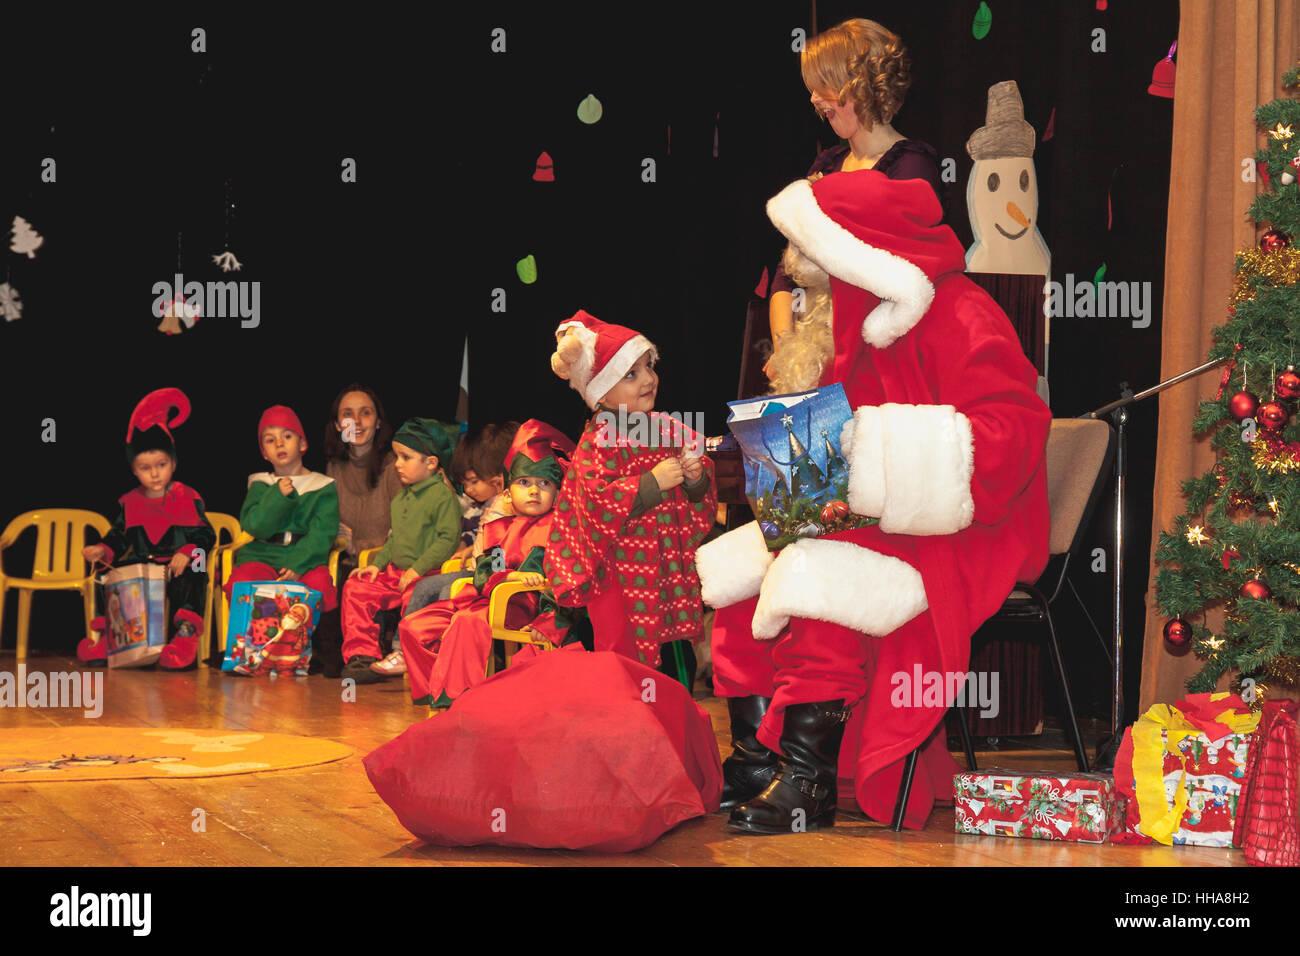 Gemütlich Verkleiden Weihnachtsfeier Galerie - Brautkleider Ideen ...